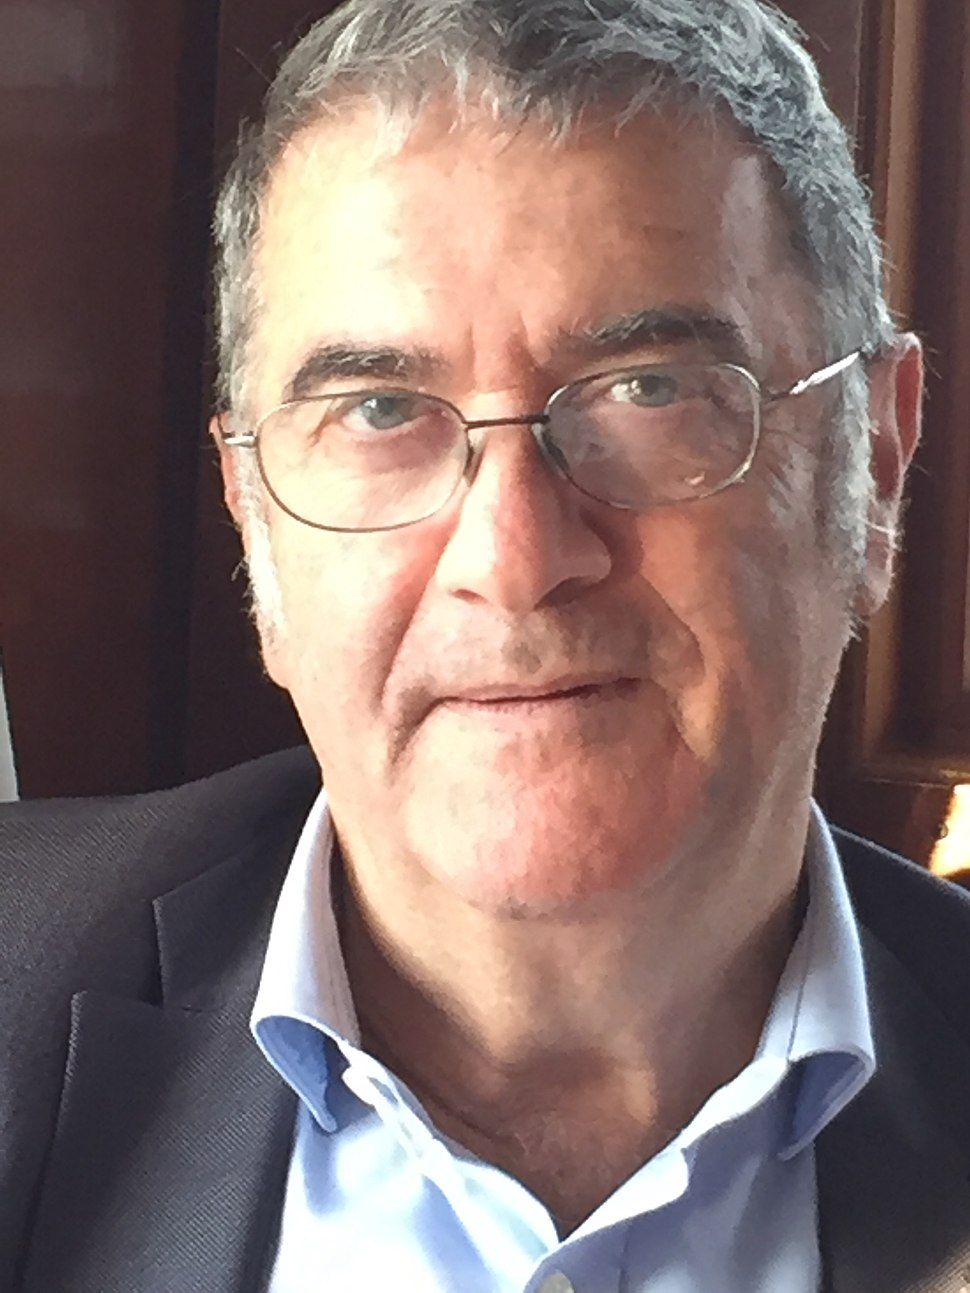 Serge Haroche (Nobel in Physics 2012) in Stockholm, June 2016